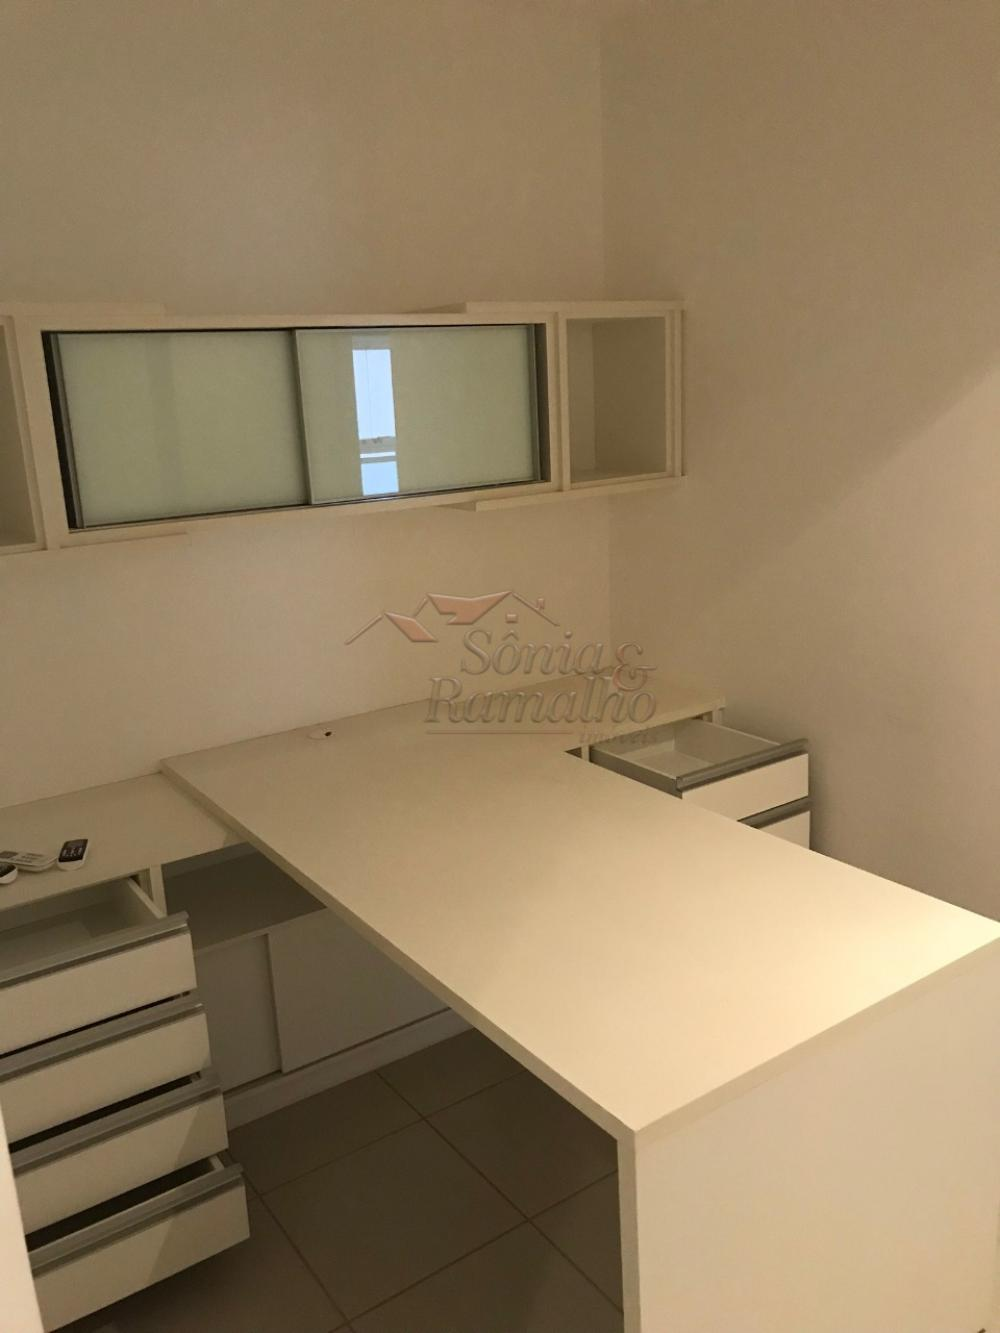 Comprar Apartamentos / Padrão em Ribeirão Preto apenas R$ 636.000,00 - Foto 9